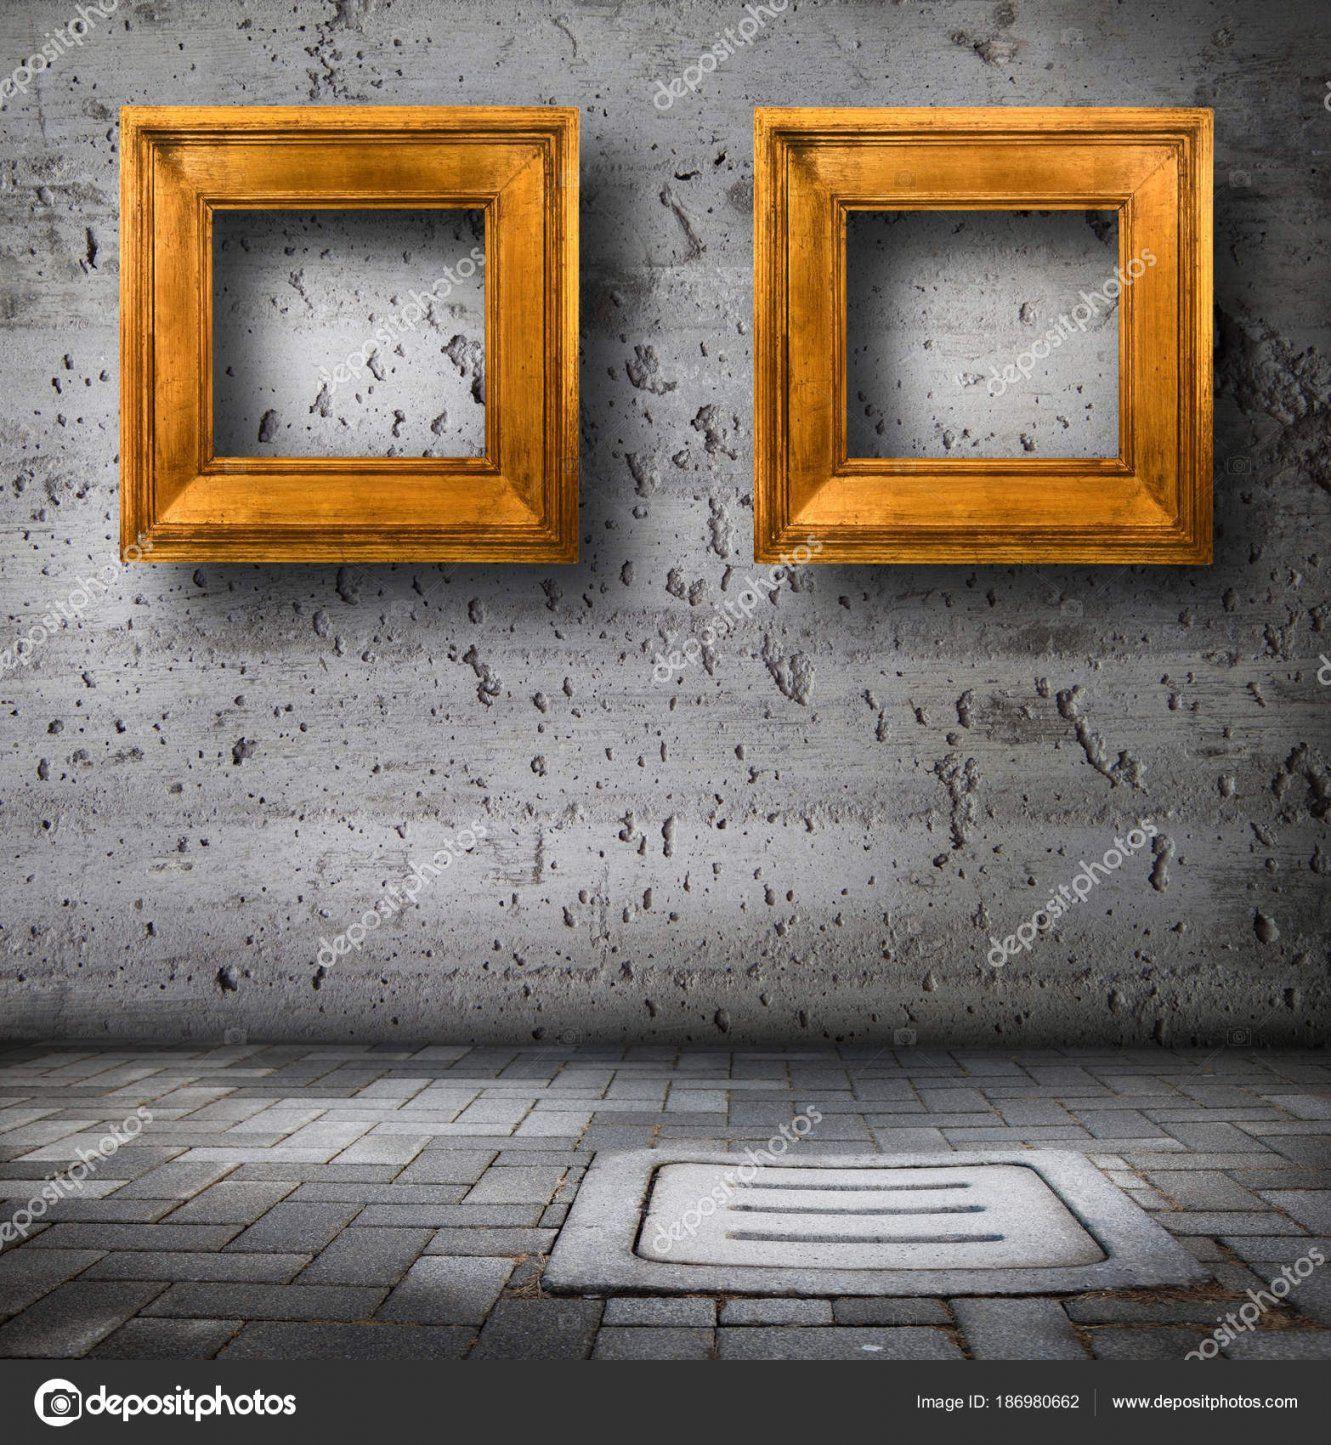 Alte Bilder An Die Wand Hängen — Stockfoto © Photobeps 186980662 von Bilder An Die Wand Bild